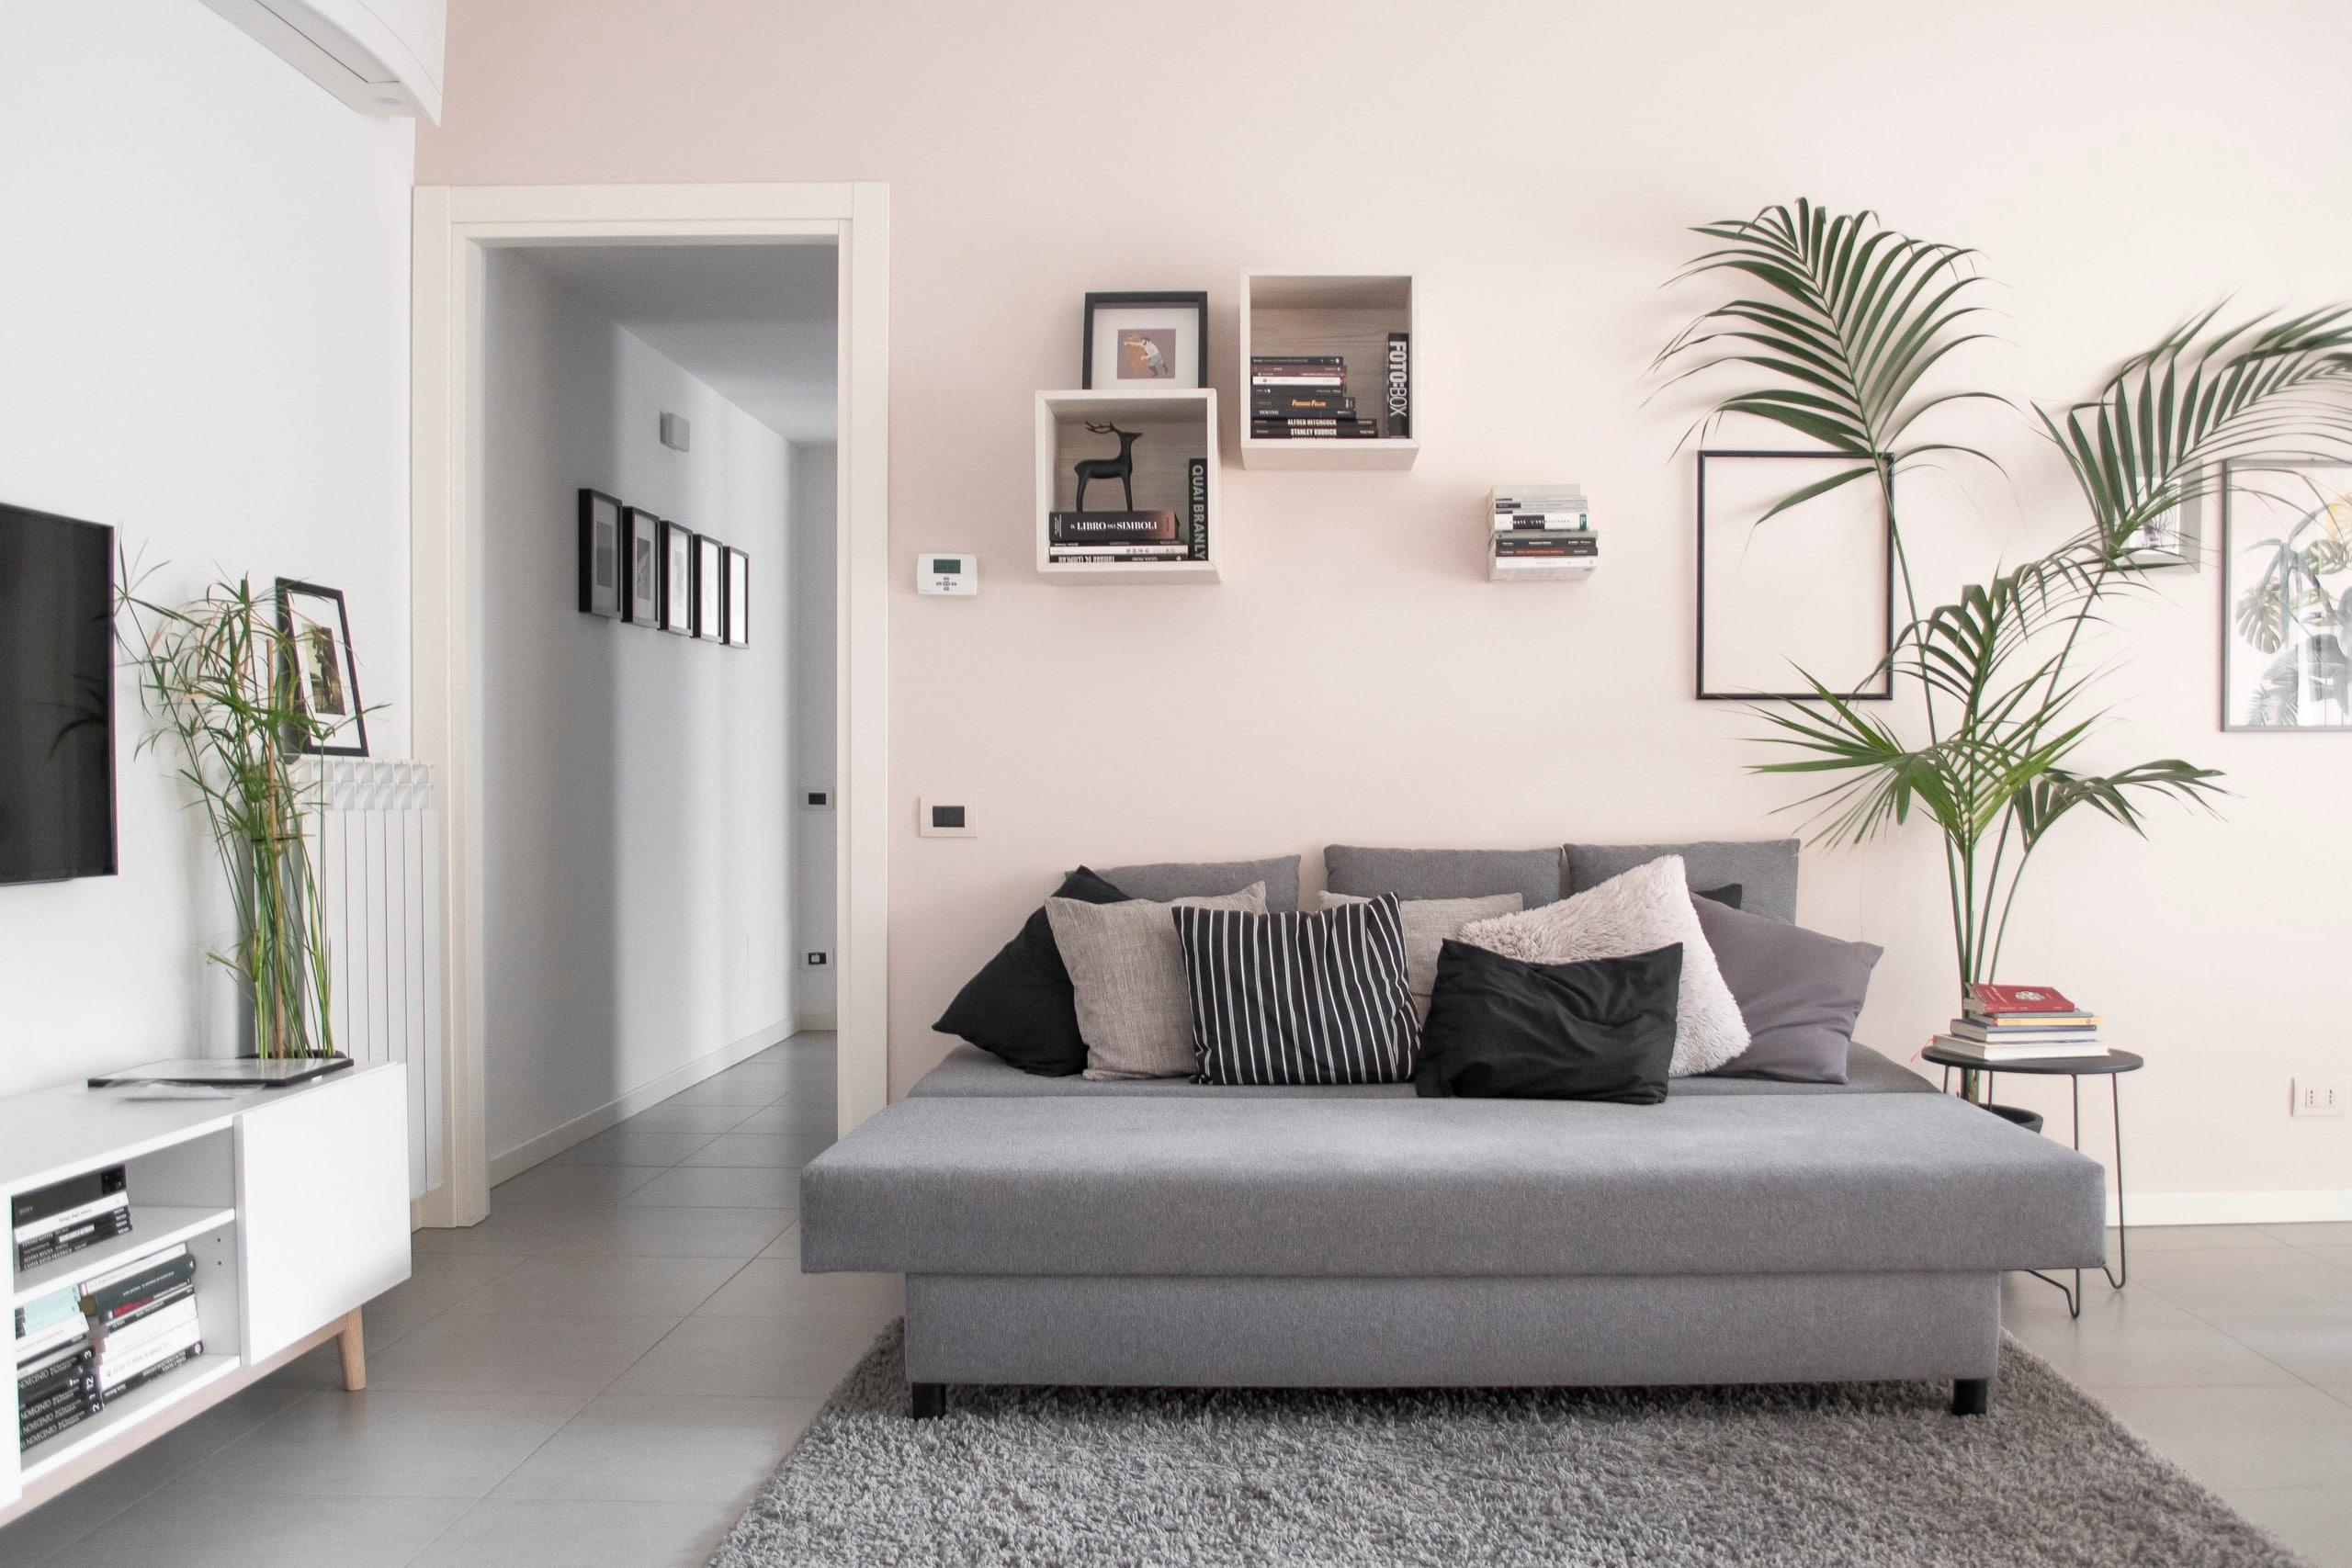 Appartamento dal design minimal in zona rubattino for Appartamento minimal